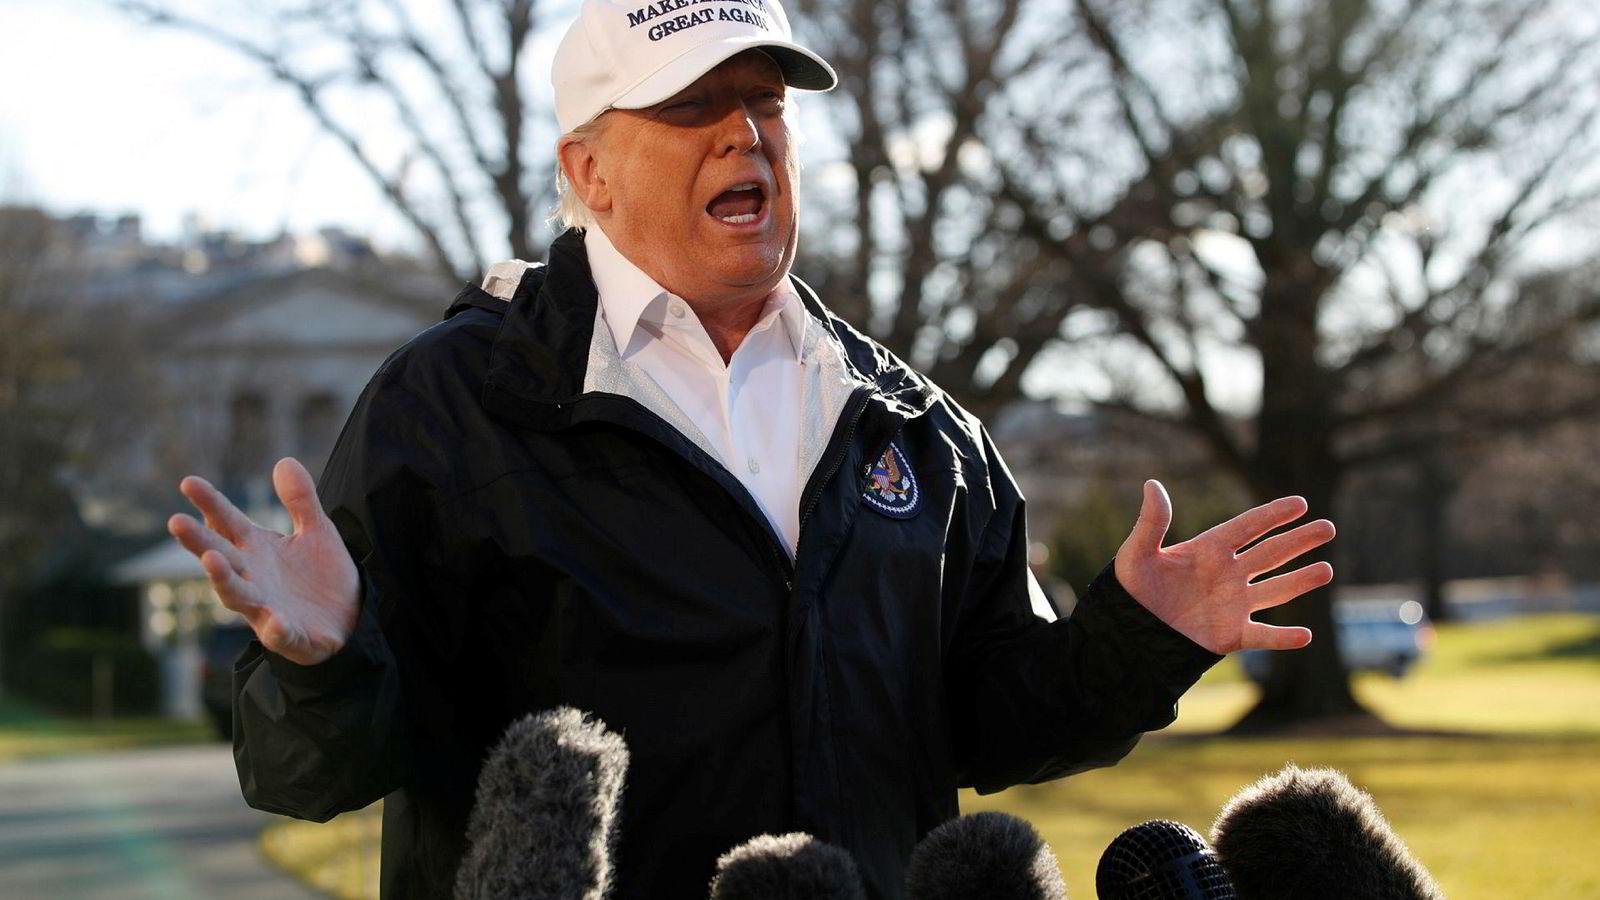 President Donald Trump møtte pressen i Washington før avreise til Texas. Trump akter ikke å gi opp kampen om grensemuren.